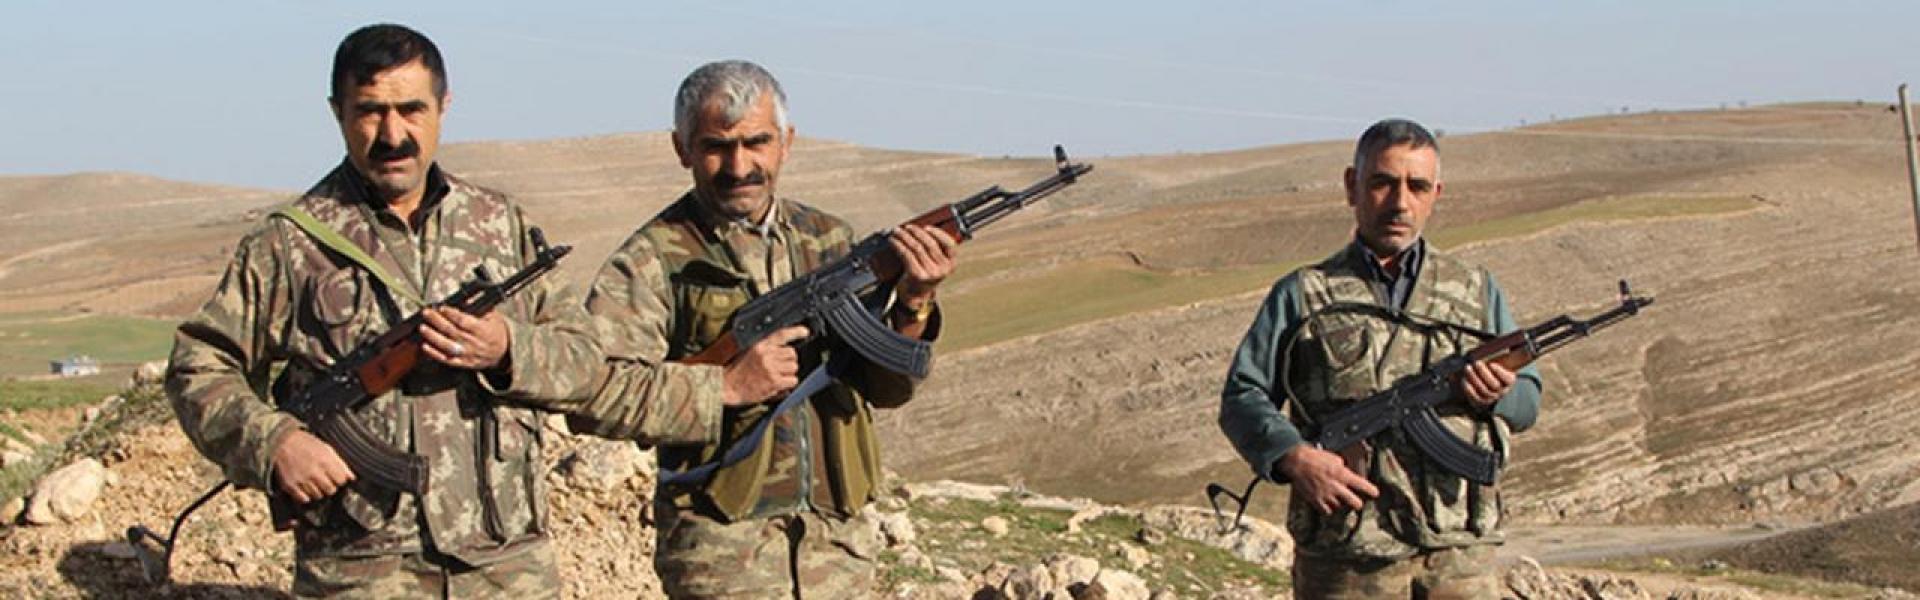 300 liraya Afrin'de savaşacak korucu aranıyor